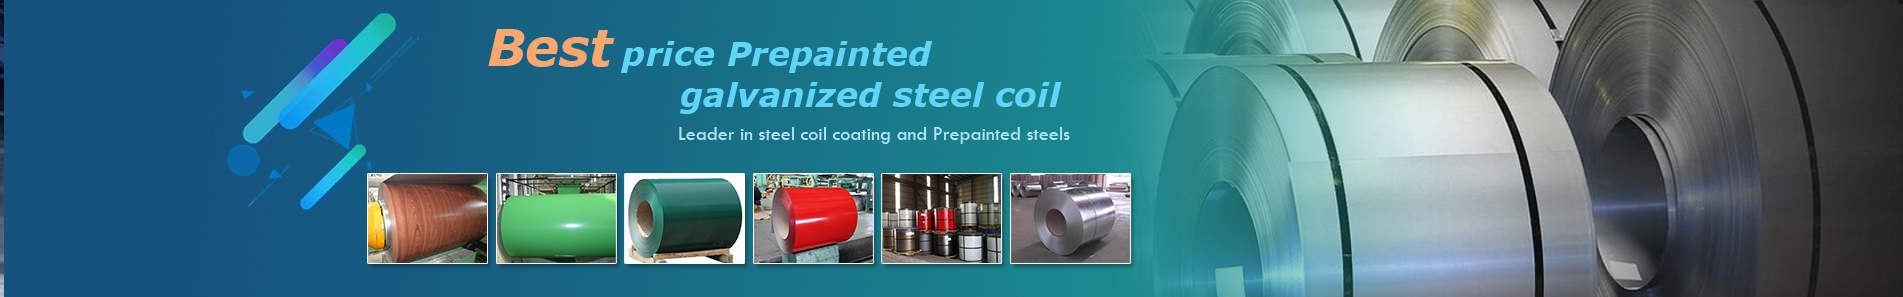 ppgi-steel-coil